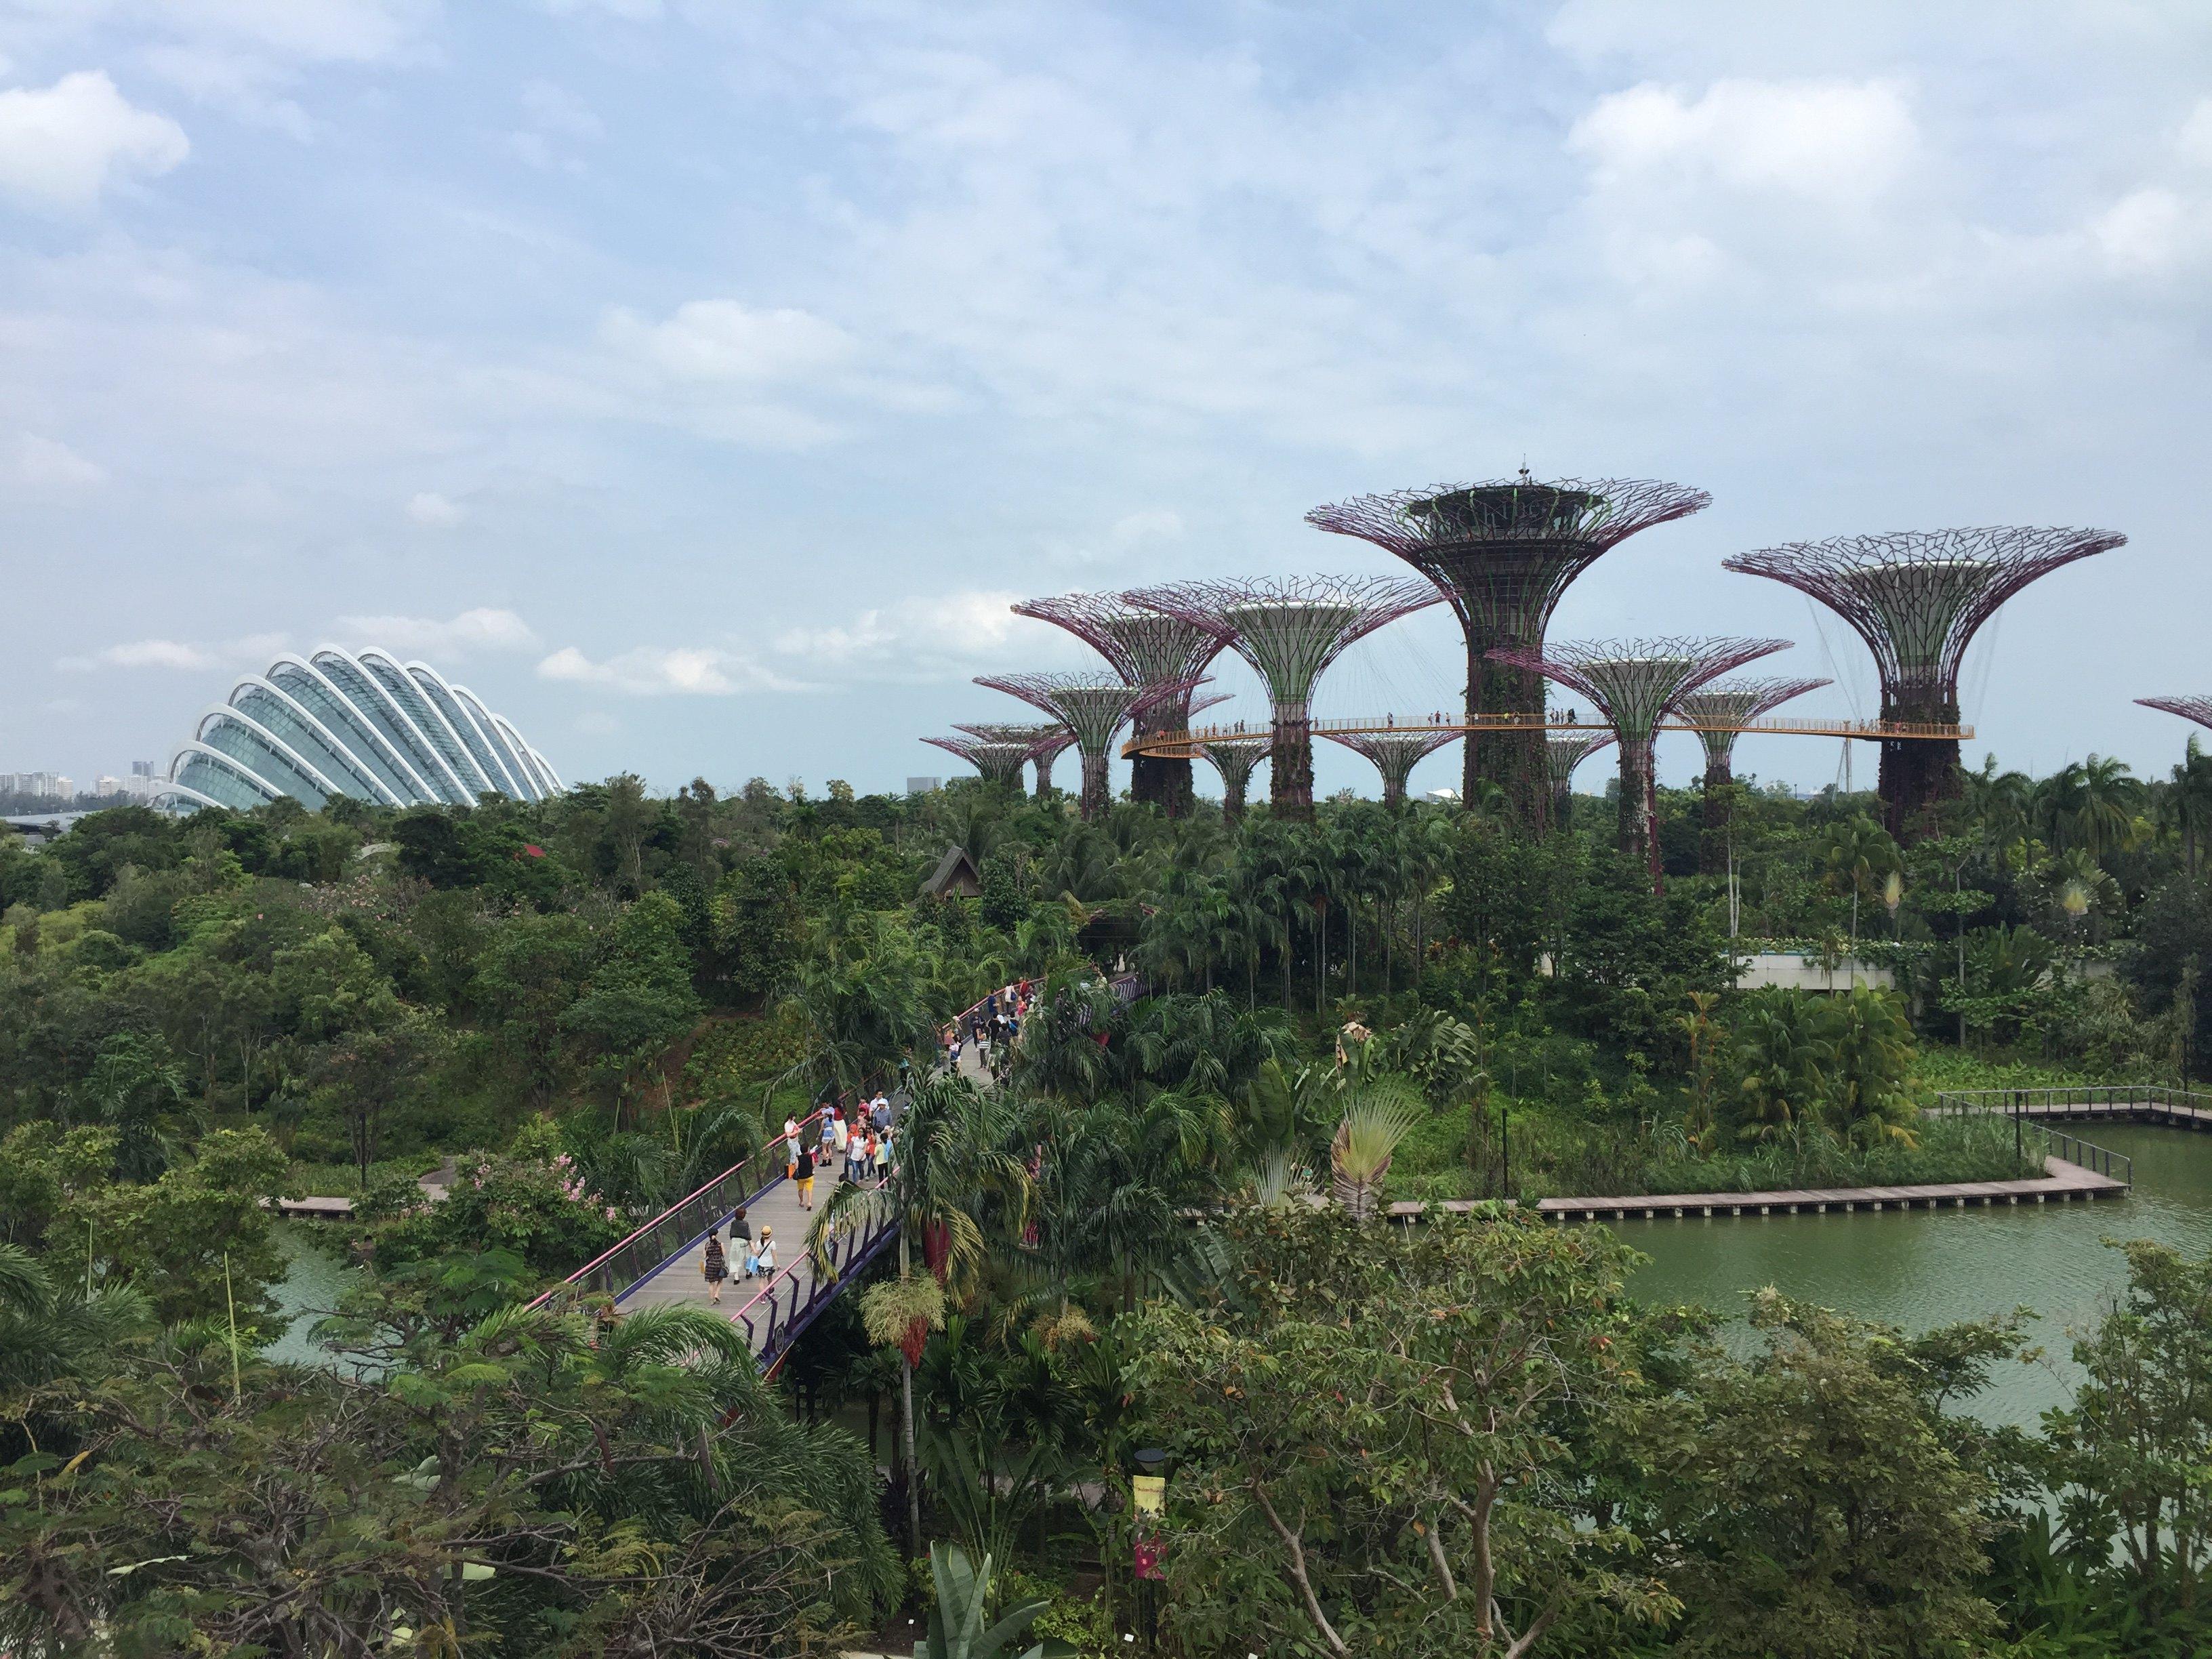 【携程攻略】新加坡滨海湾花园好玩吗